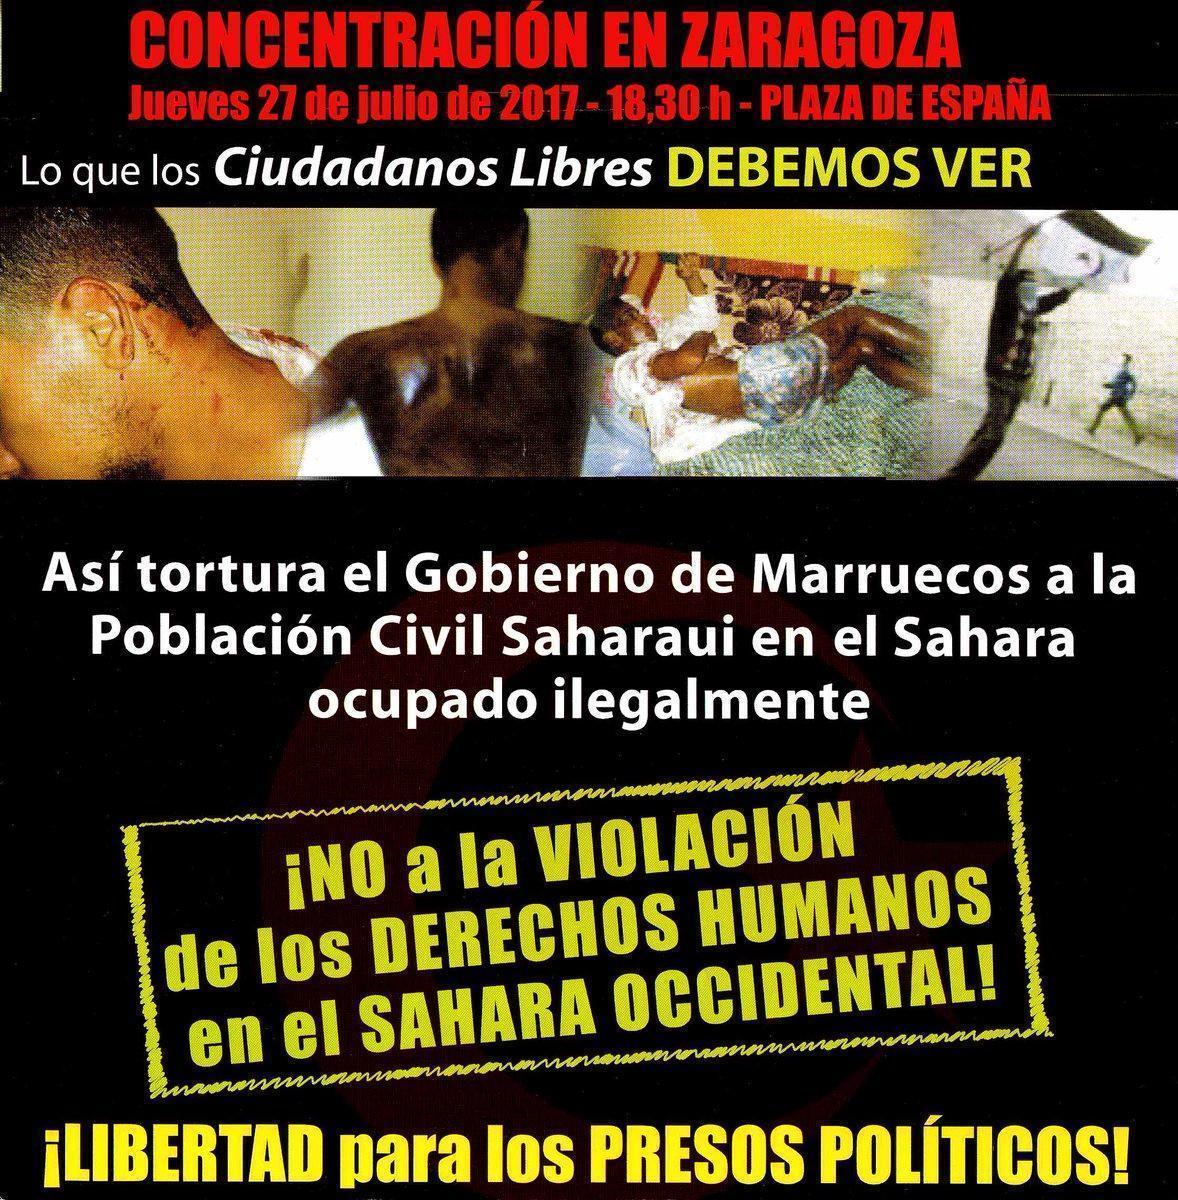 Participamos en la concentración contra las irregularidades manifiestas en el juicio a activistas saharauis de 'Gdeim Izik'